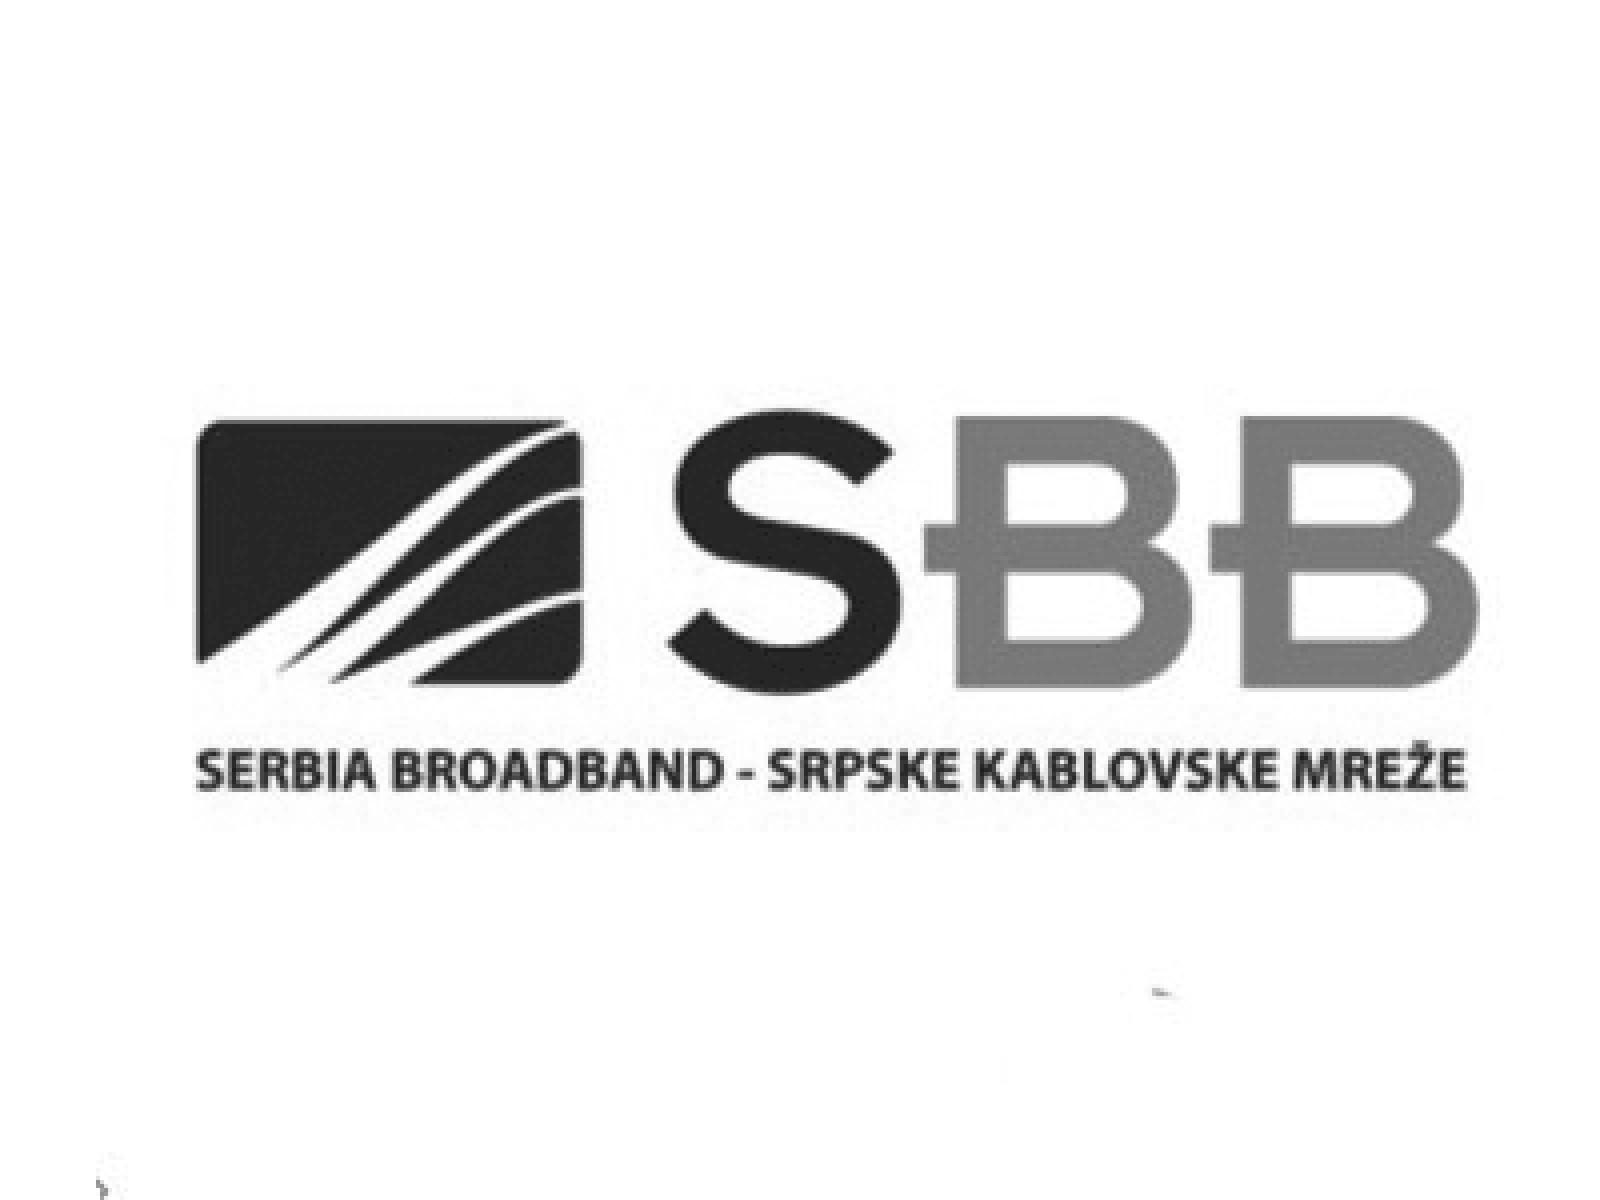 Bilbord za kompaniju SBB